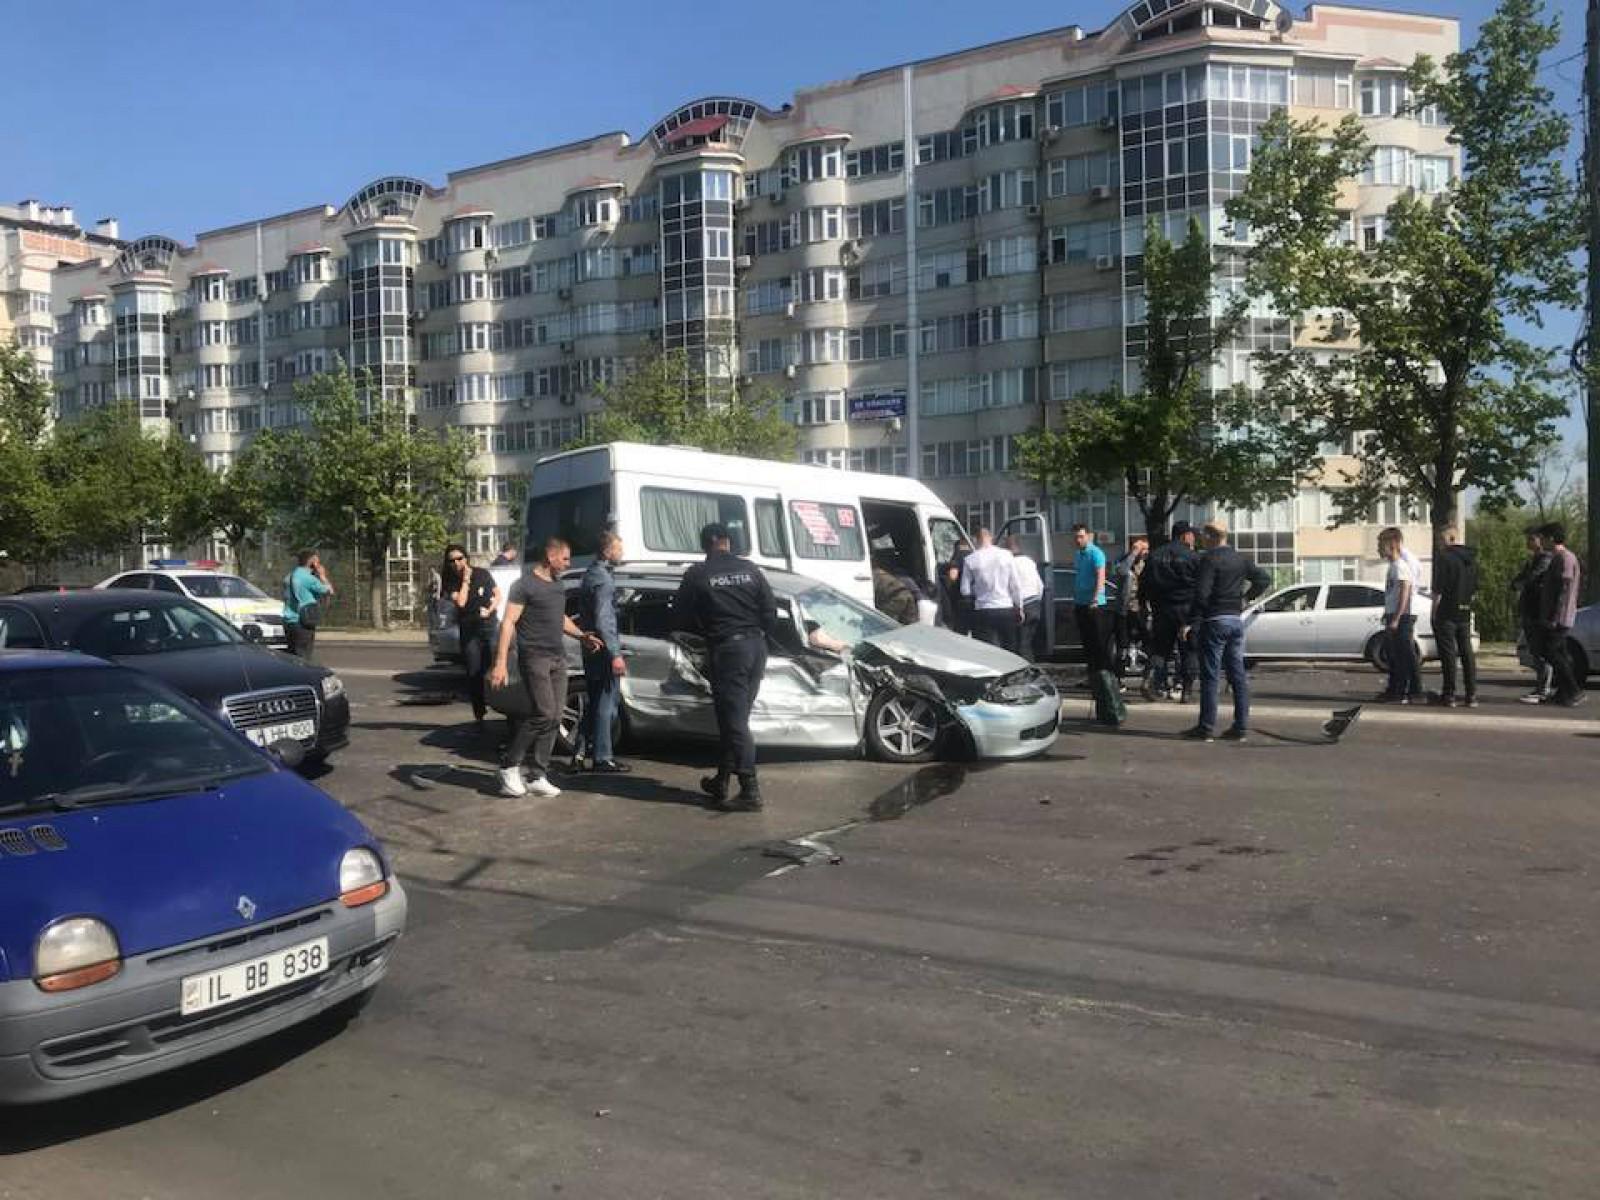 (foto/update) Accident grav în capitală. Două automobile și un microbuz de linie s-au tamponat: Șase persoane au fost transportate la spital